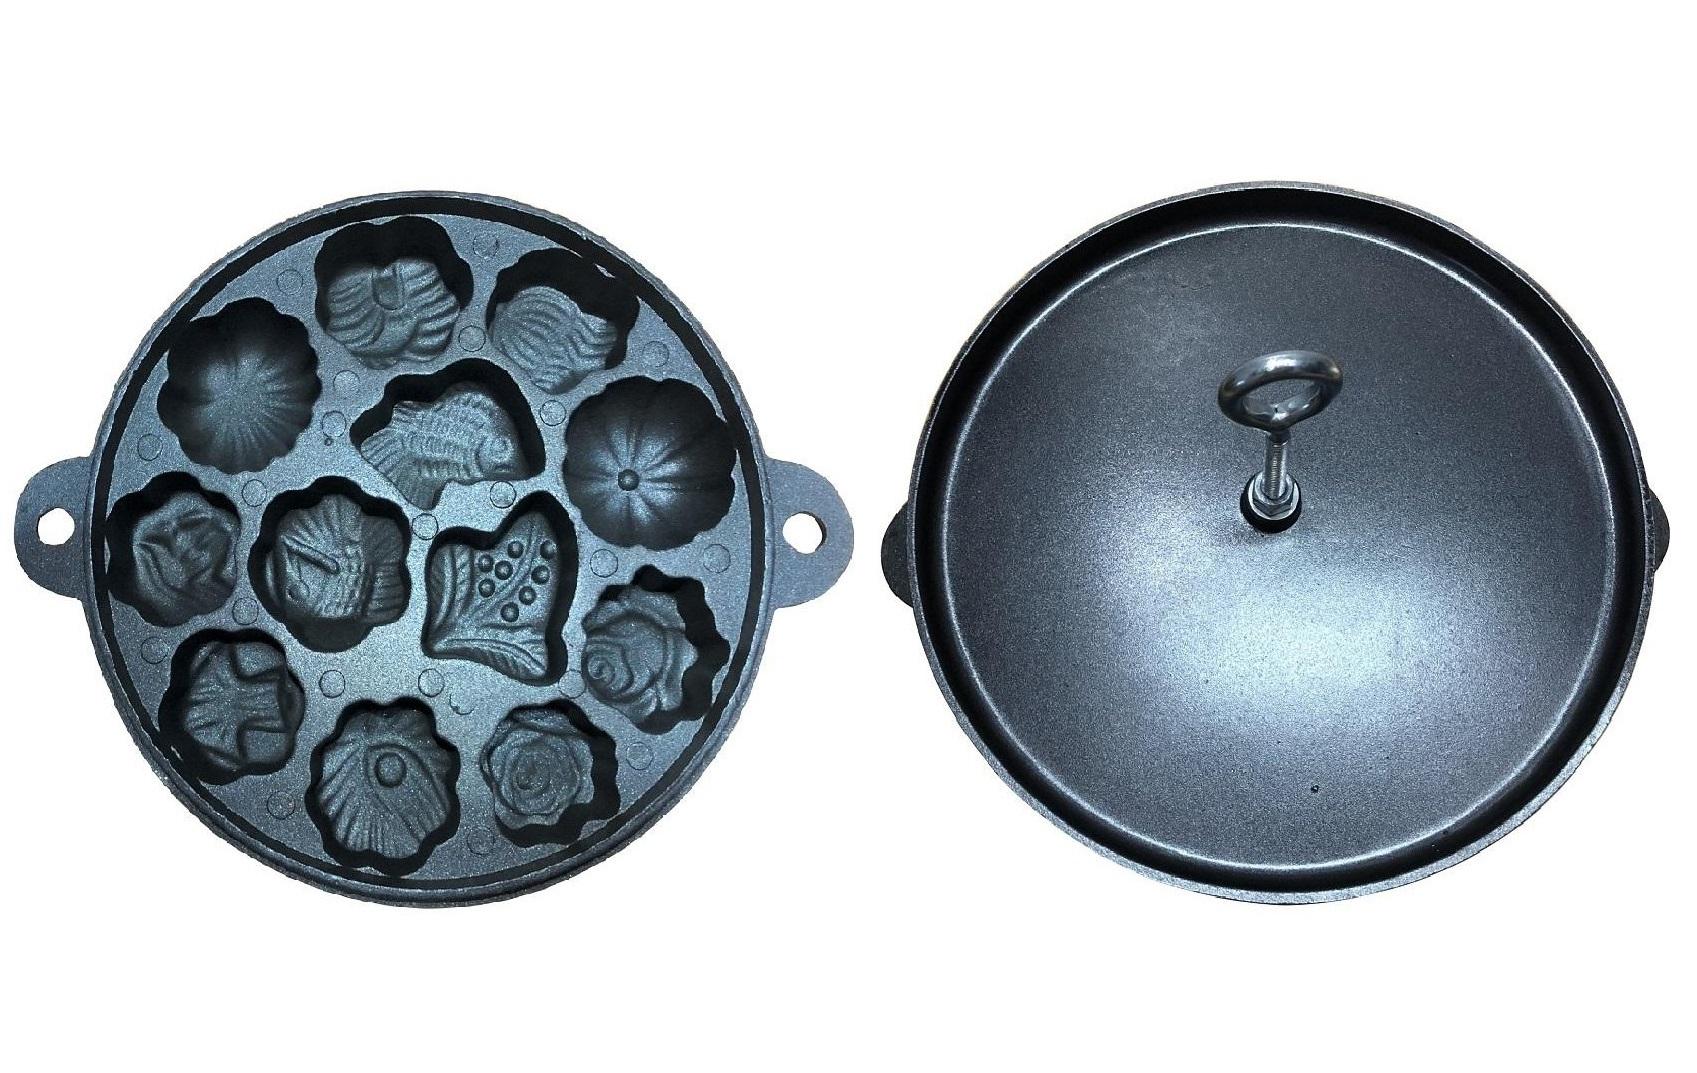 Khuôn làm bánh bông lan nướng chống dính có thể nướng c ùng lúc 12 cái với các hình dáng đẹp mắt như hoa hồng, lá cây, vỏ sò, con cá... Sản phẩm làm từ chất liệu gang, kết cấu dày, nặng, có phủ lớp chống dính giúp dễ đổ bánh và lấy bánh ra dễ dàng. Phần nắp thiết kế ốc vặn cách nhiệt, có thể nhấc nắp ra khỏi khuôn tránh bỏng tay. Đường kính khuôn 22 cm, dày 3 cm, thích hợp dùng làm bánh bông lan hoặc các loại bánh tương tự. Sản phẩm có giá chỉ 135.000 đồng trên Lazada. Xem thông tin và đặt mua tại đây.